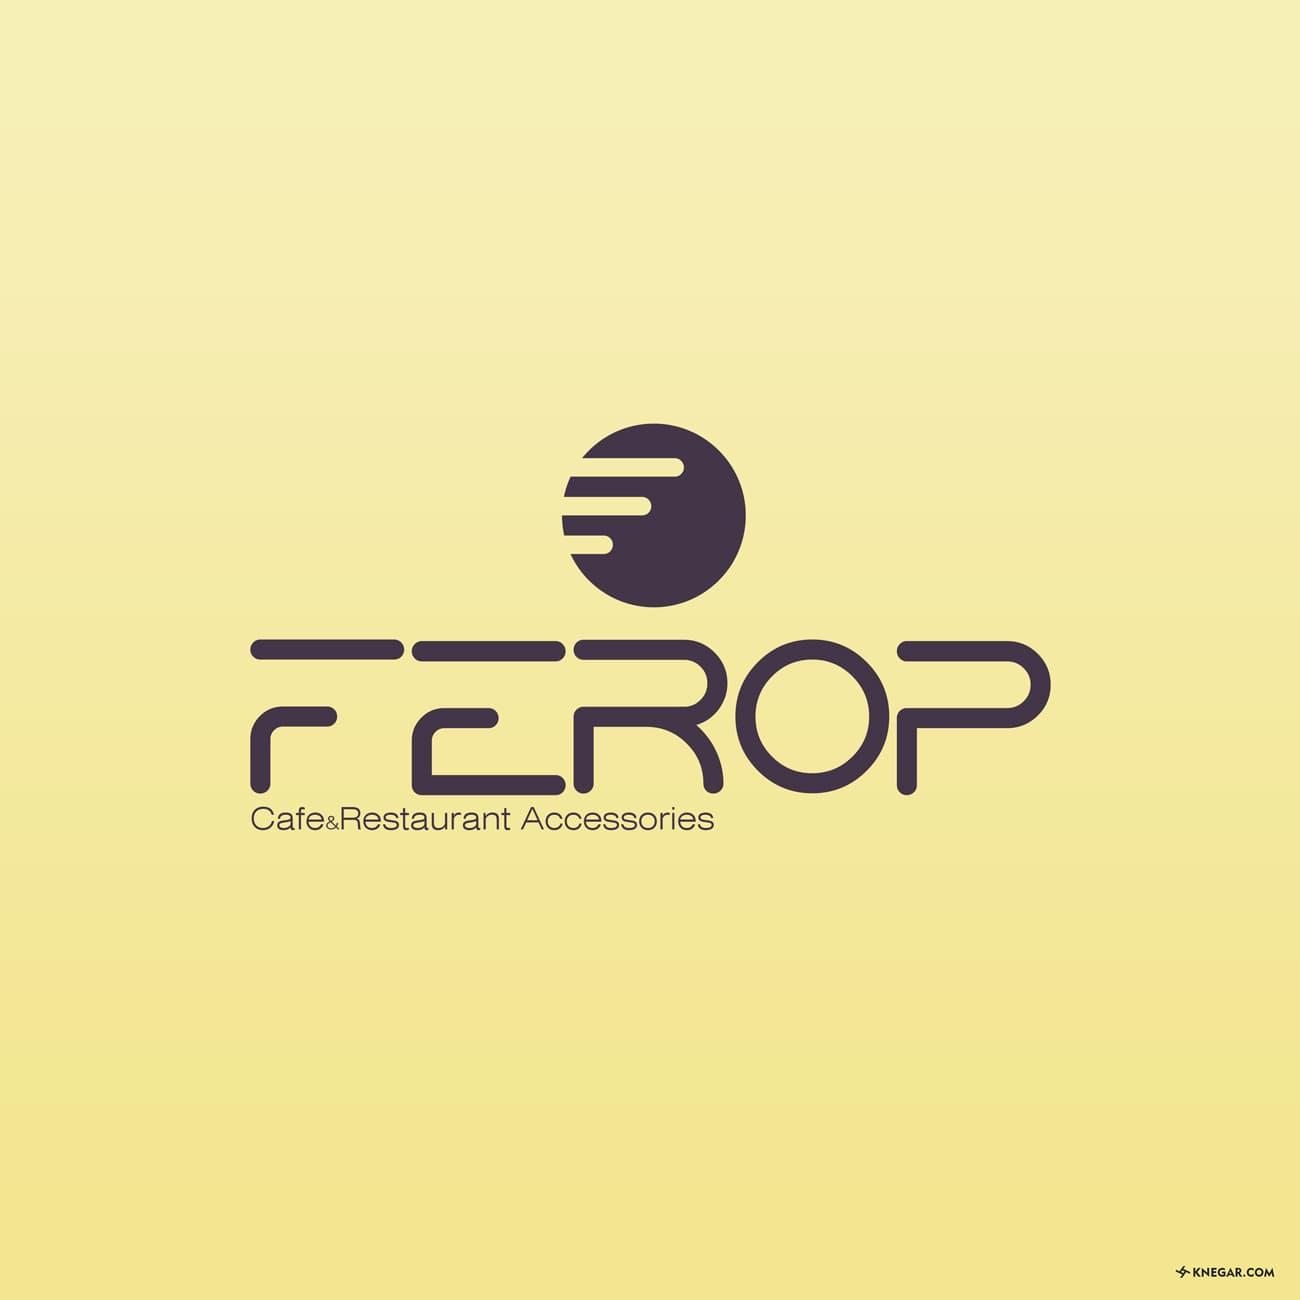 طراحی لوگو - تجهیزات کافه و رستوران فِروپ